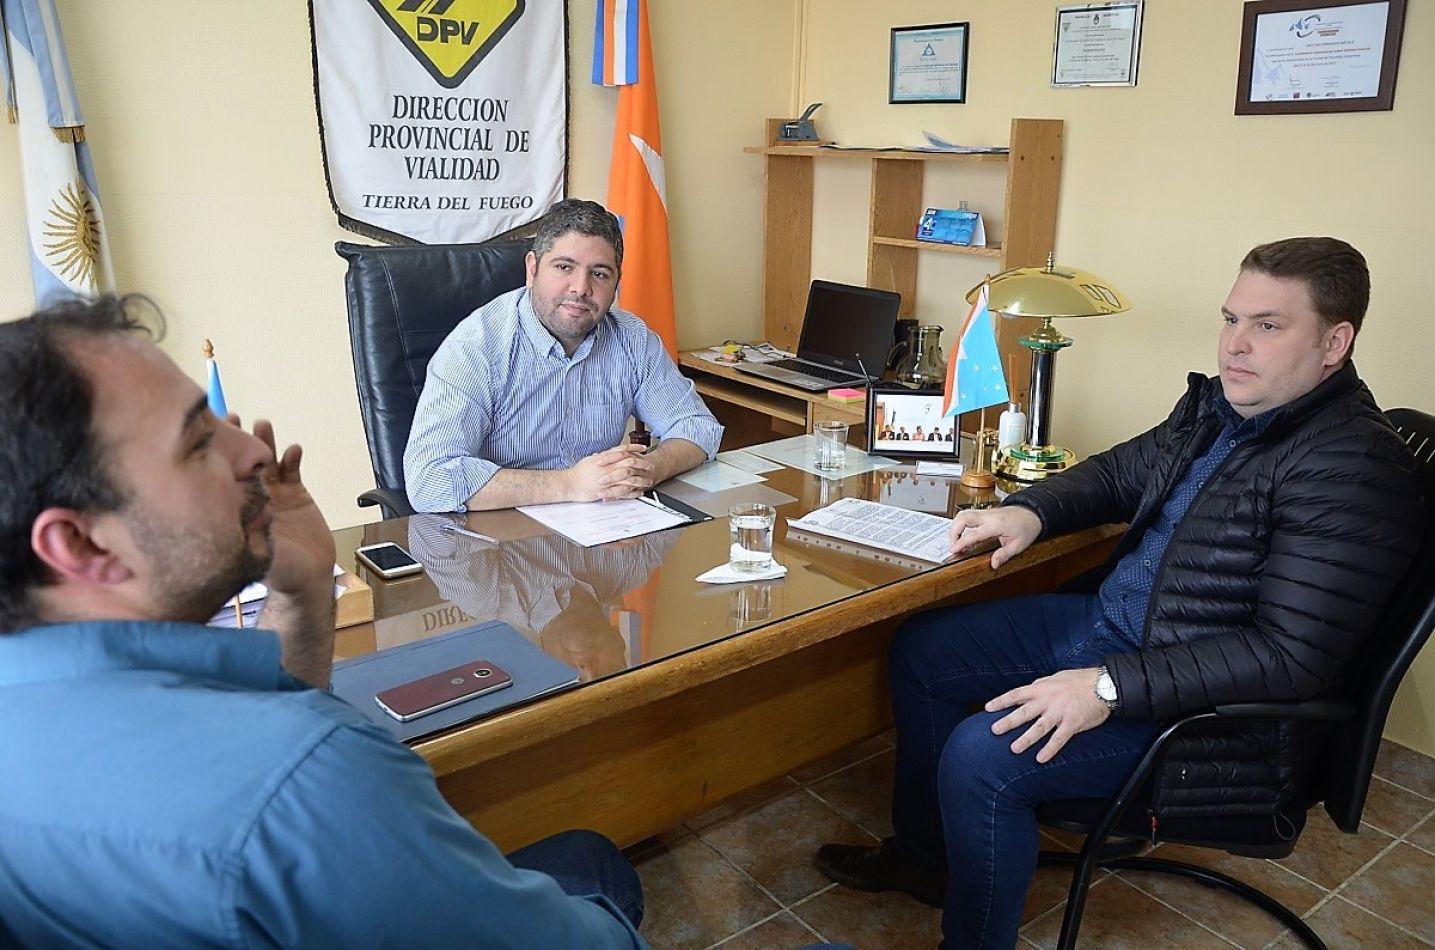 El concejal Von der Thusen recibió el apoyo de Vialidad Provincial